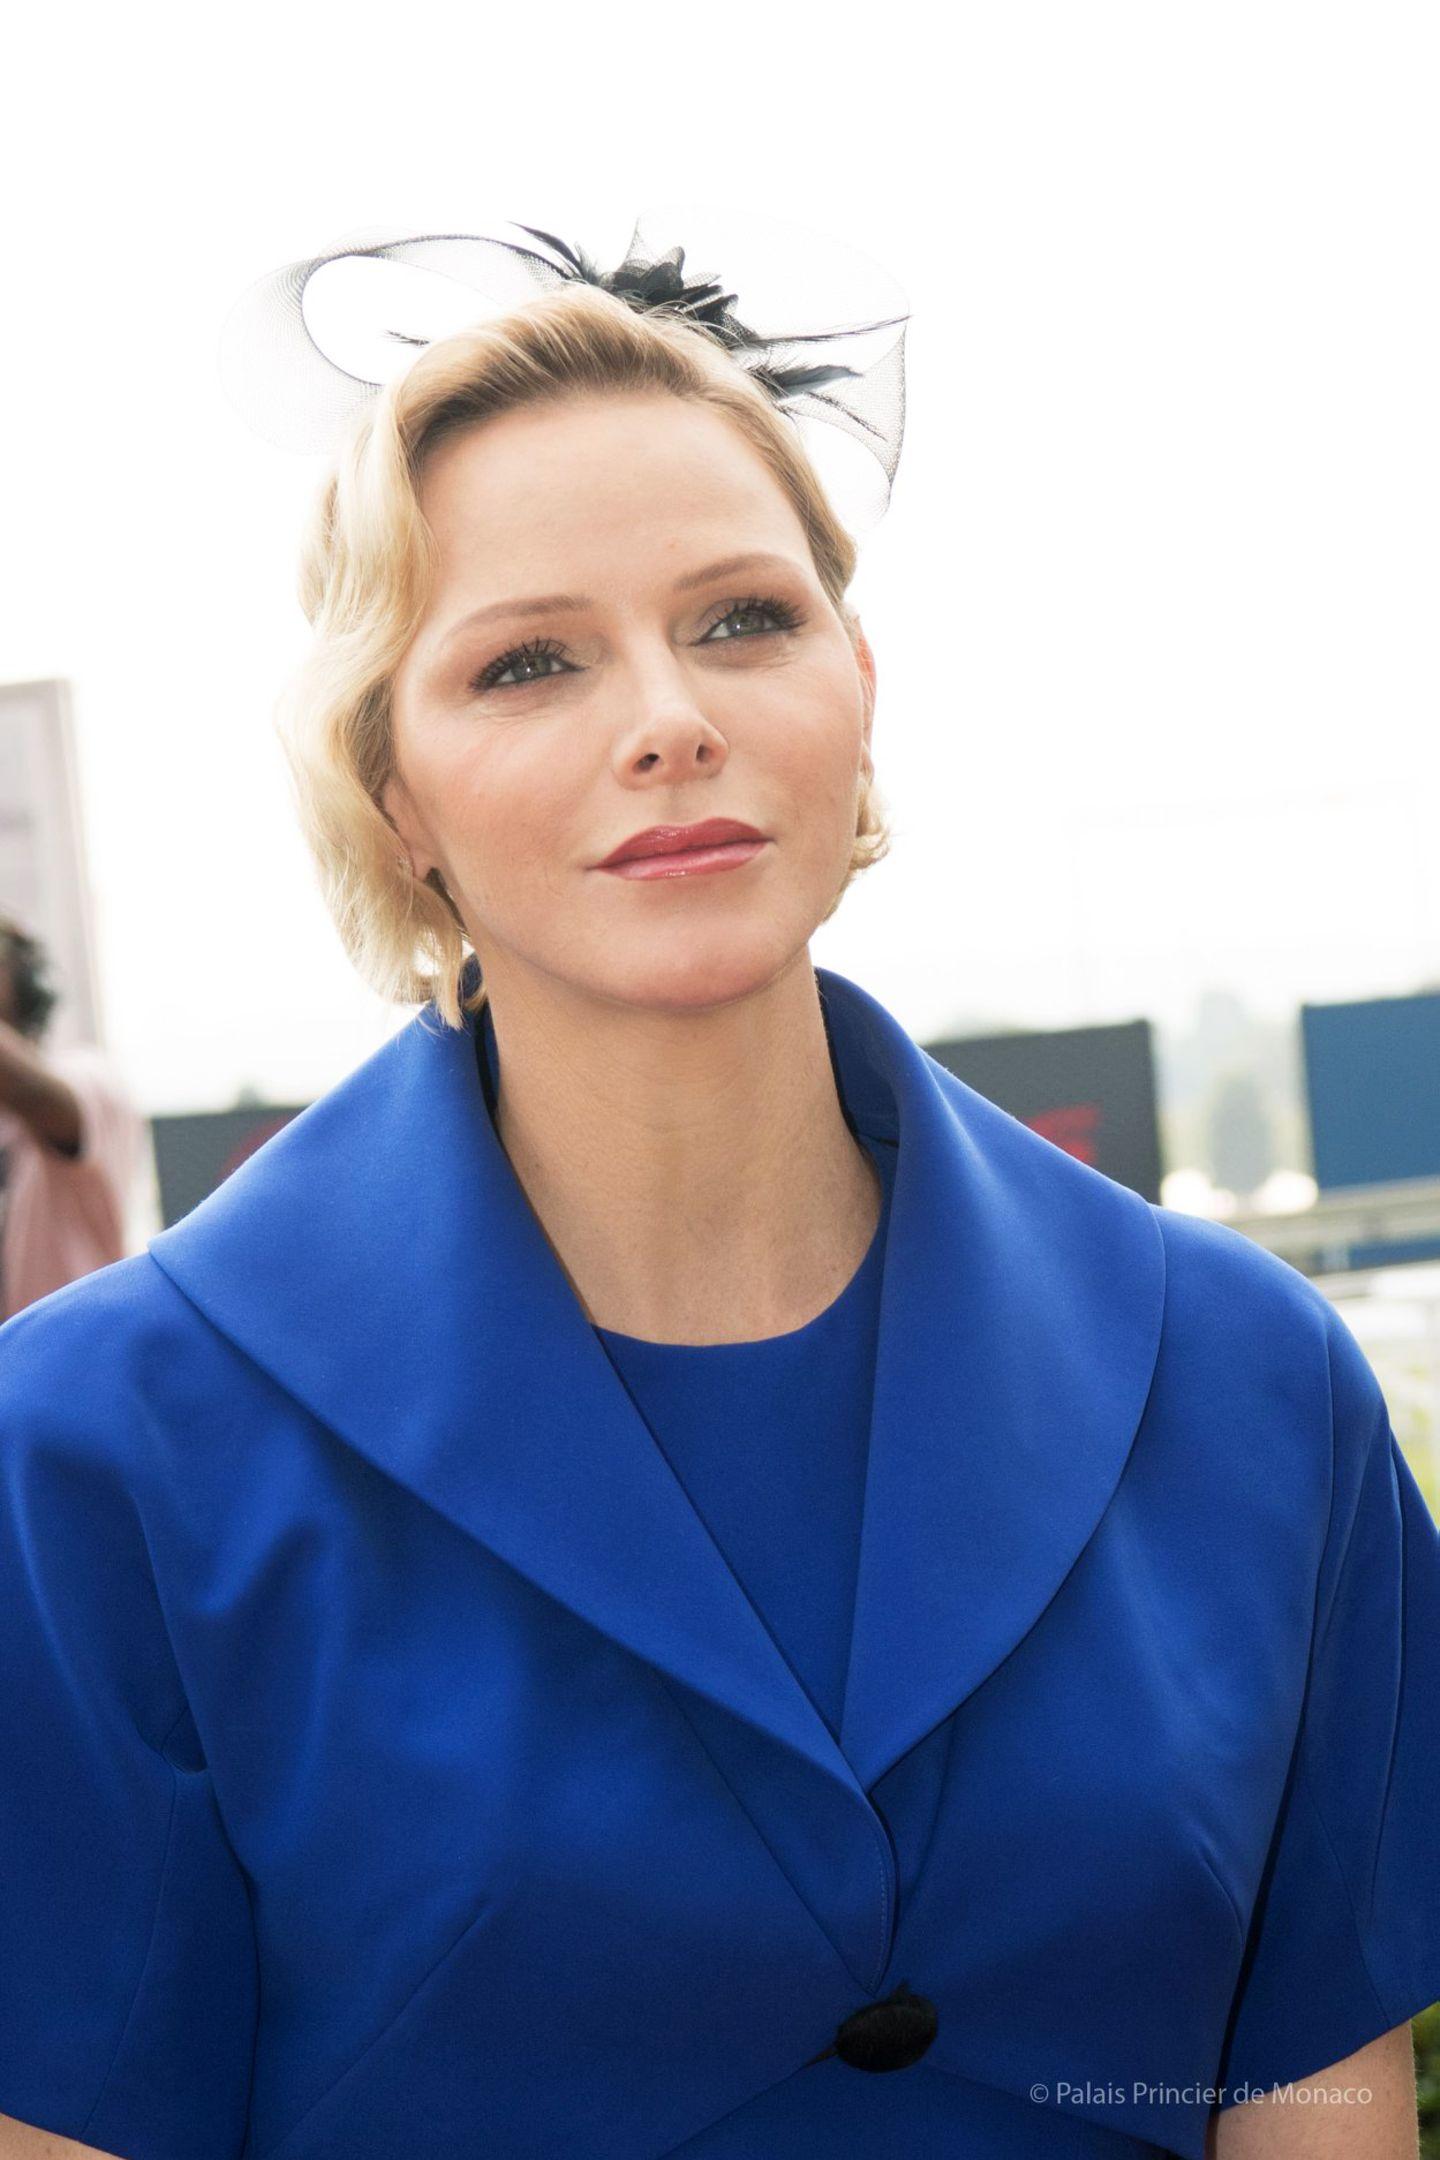 Ihr Haar trägt Charlène von Monaco leicht gelockt, mit einem eleganten Fascinator setzt sie ein echtes Highlight. Ihr Make-up wirkt schön natürlich.